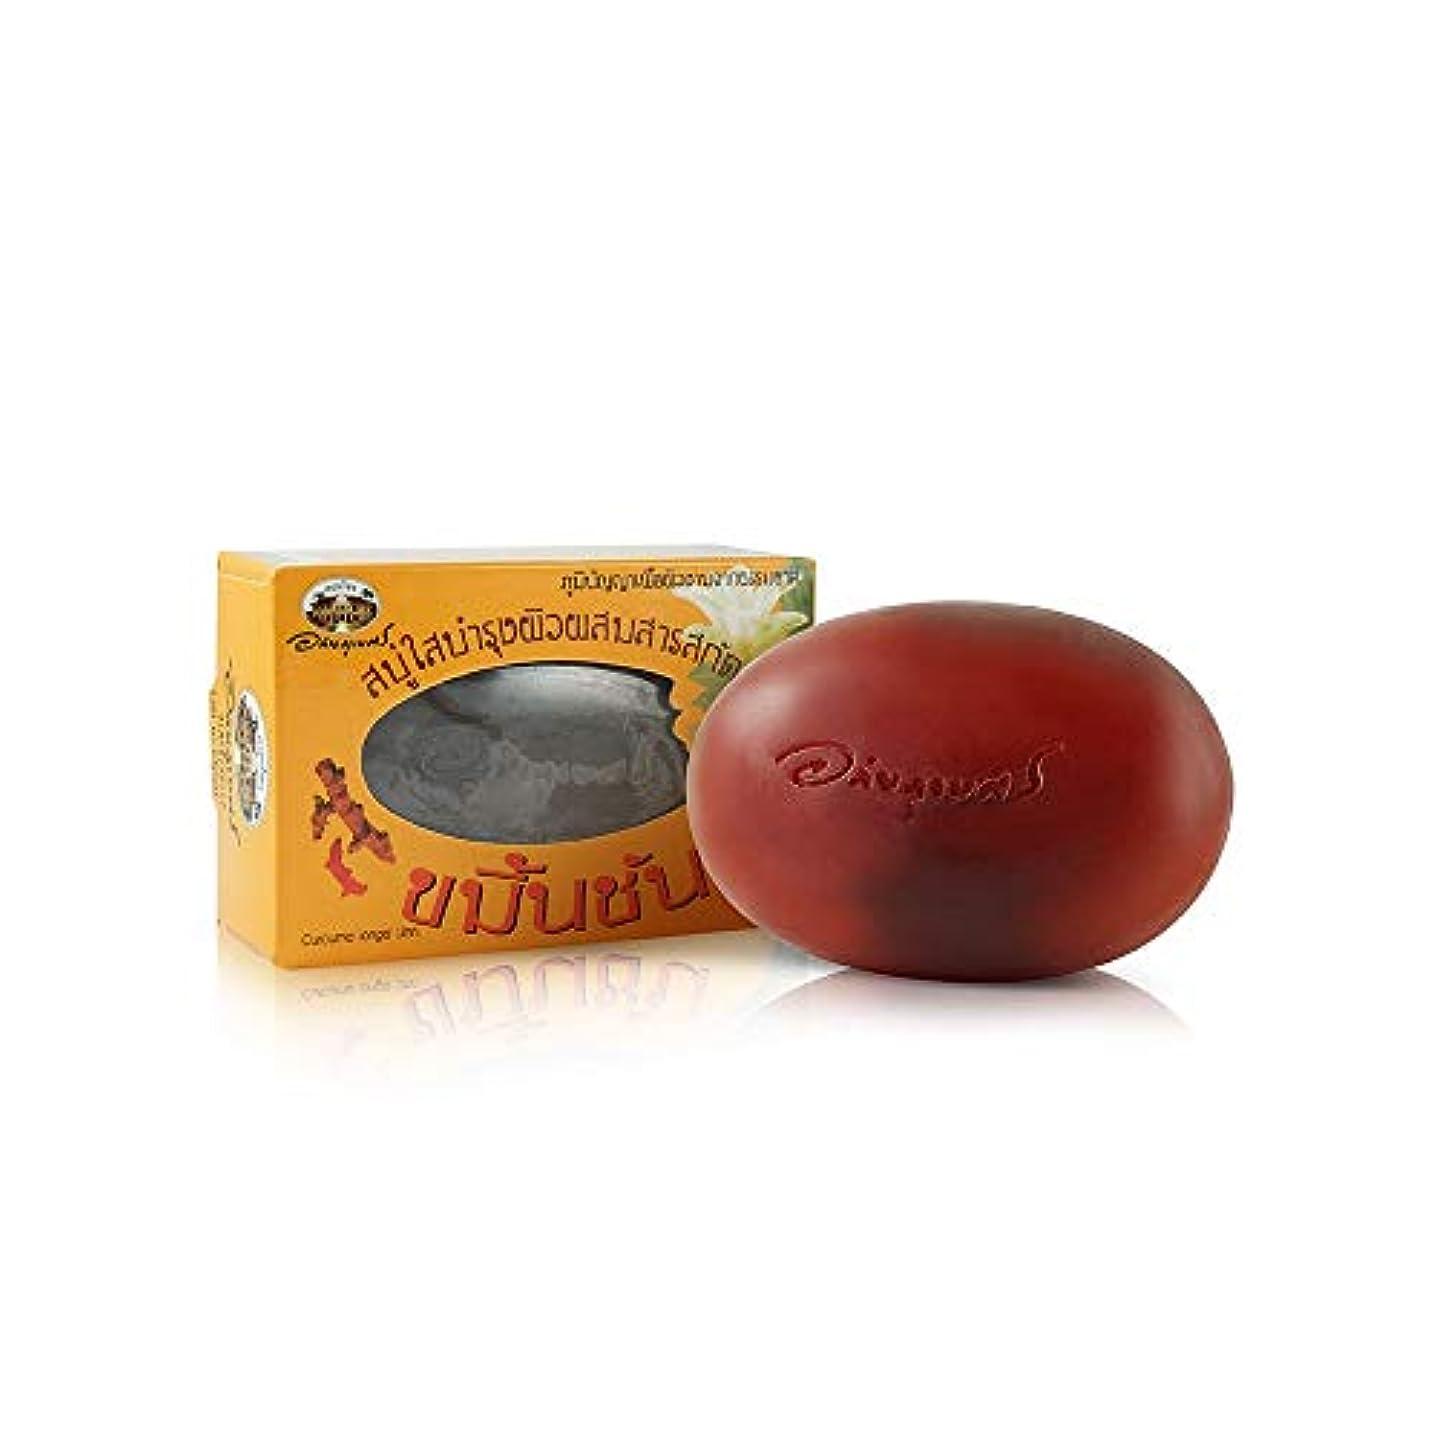 機密初期頑丈Abhaibhubejhr Turmeric Vitamin E Herbal Body Cleansing Soap 100g. Abhaibhubejhrターメリックハーブボディクレンジングソープ100グラム。